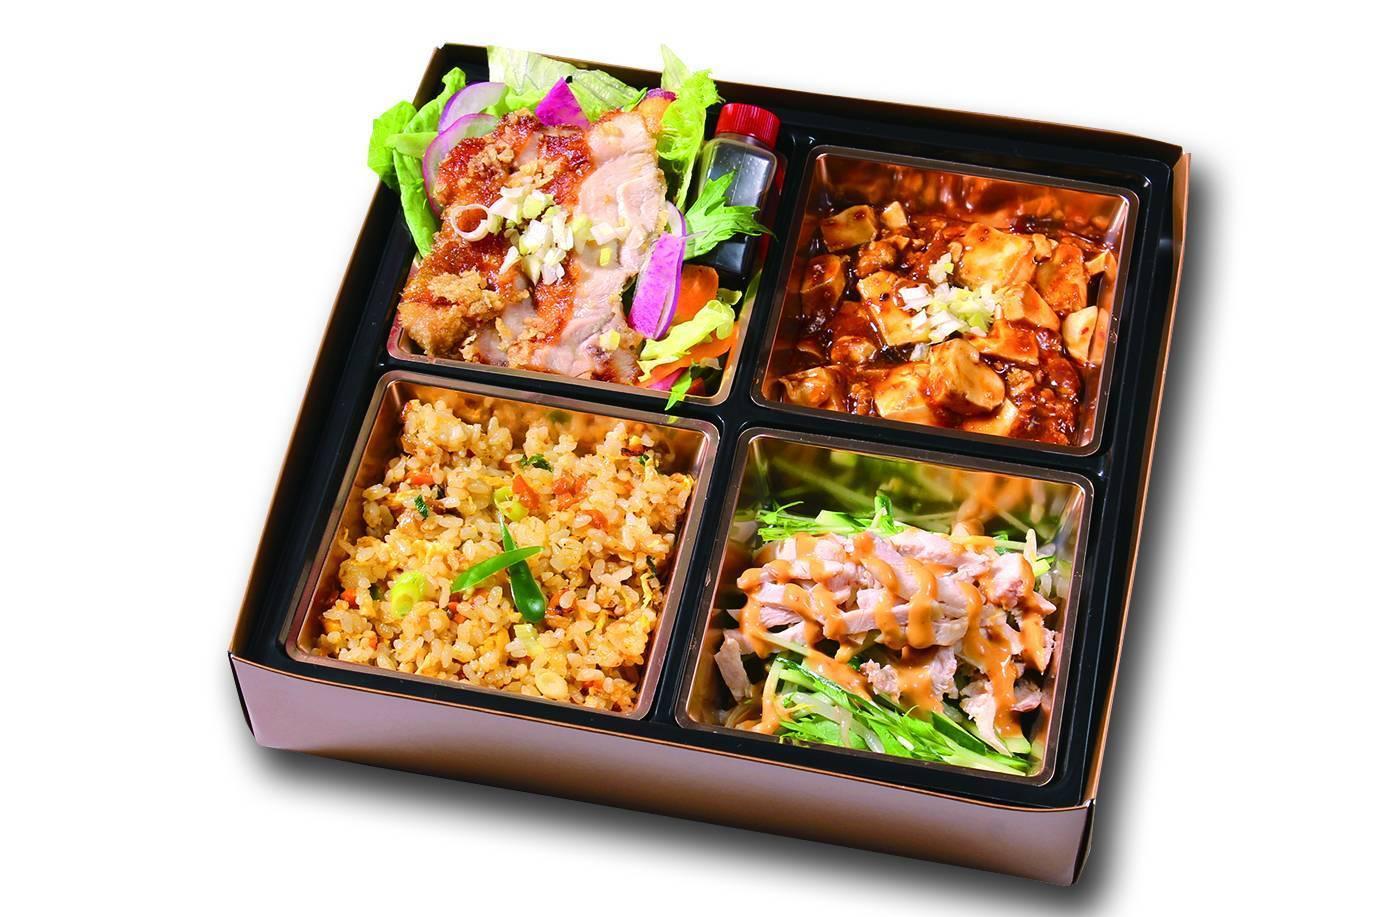 ユーリンチ&麻婆豆腐弁当 お茶付き画像